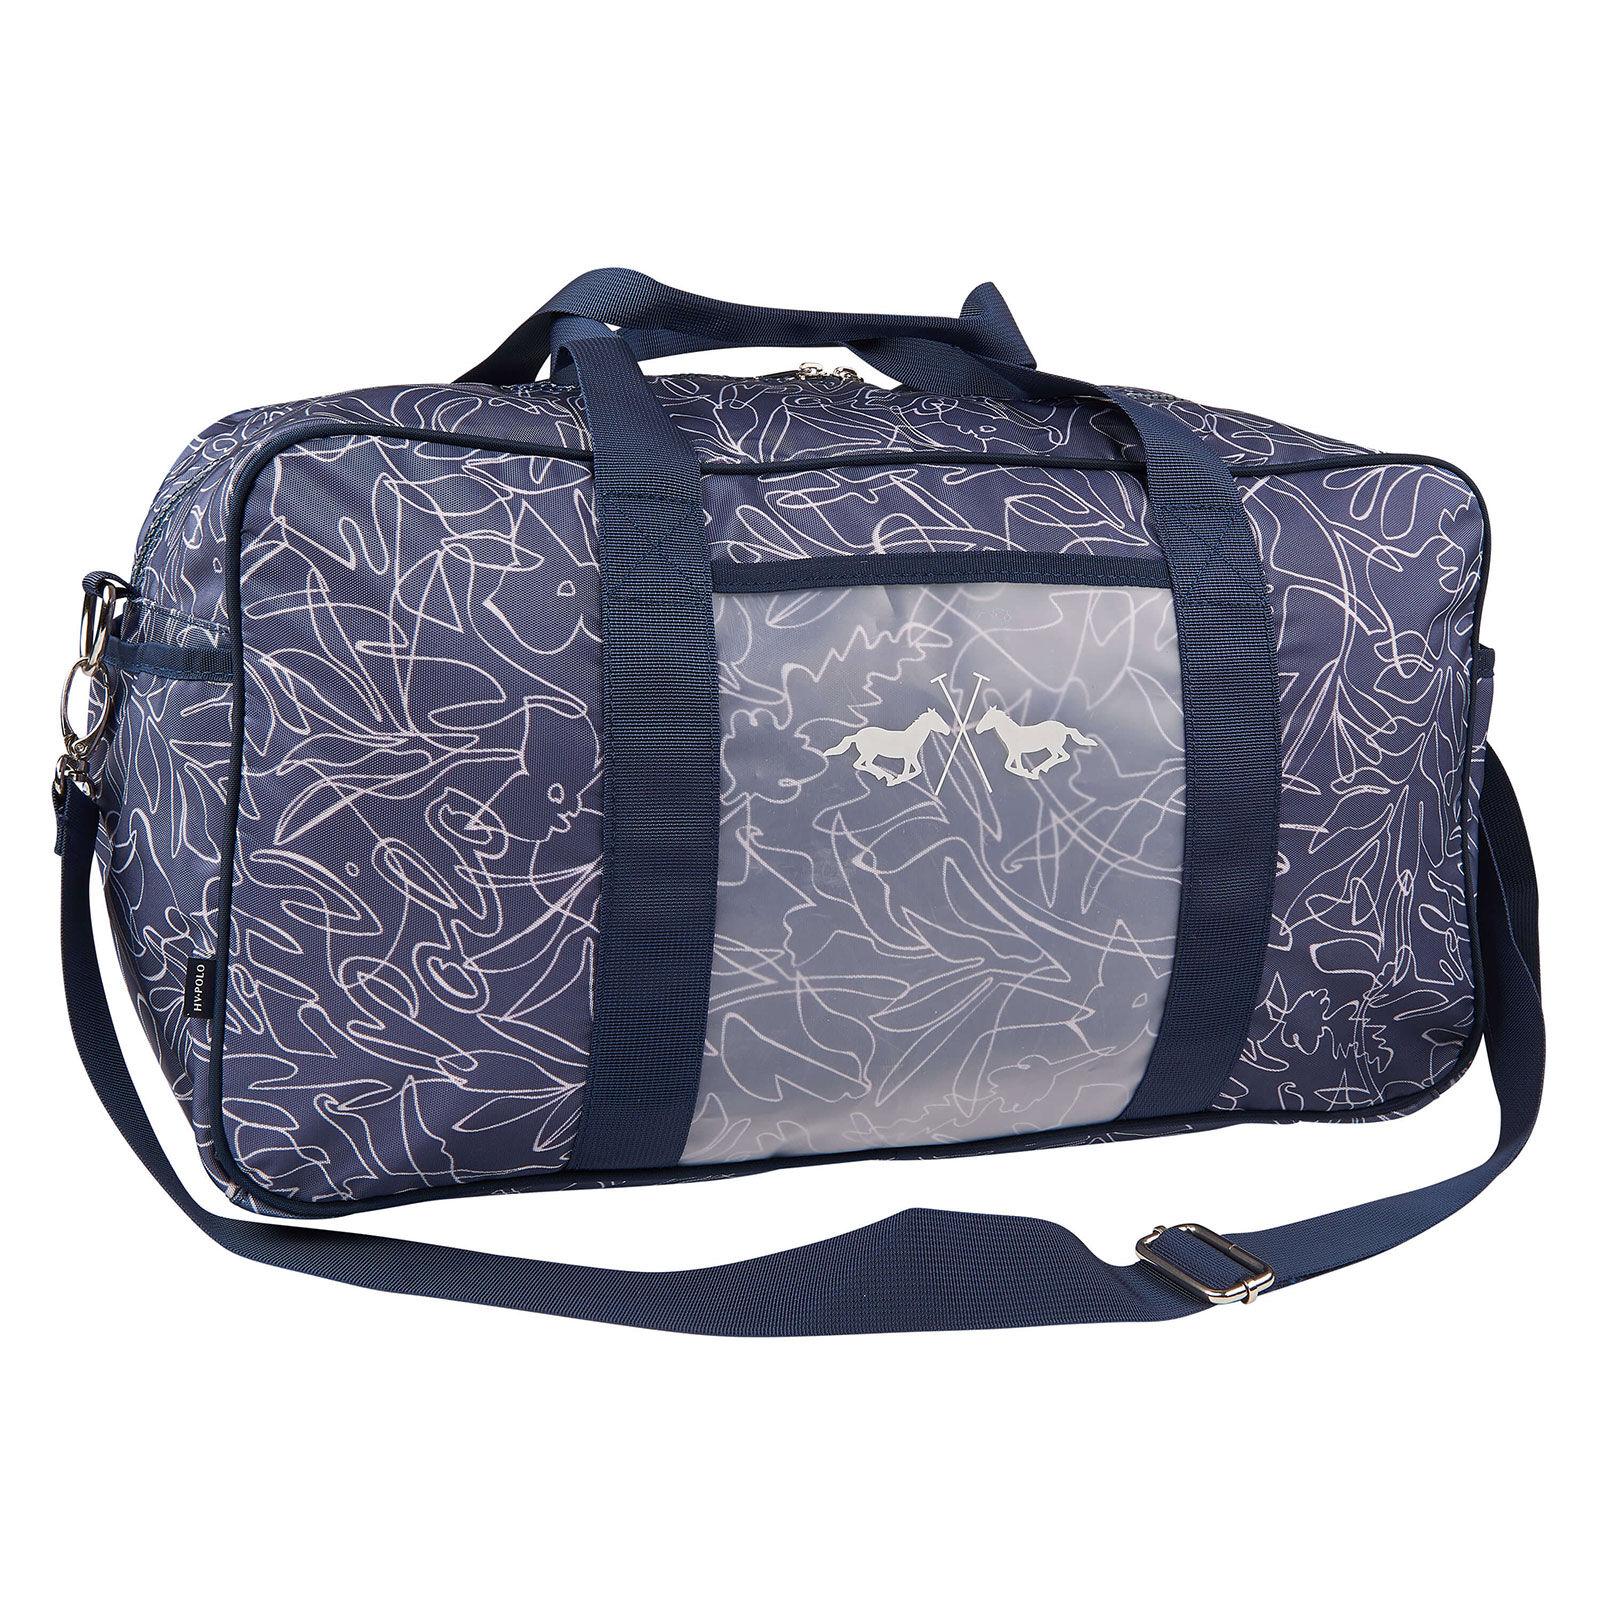 Køb HV Polo Tasker Online Nu | Horze